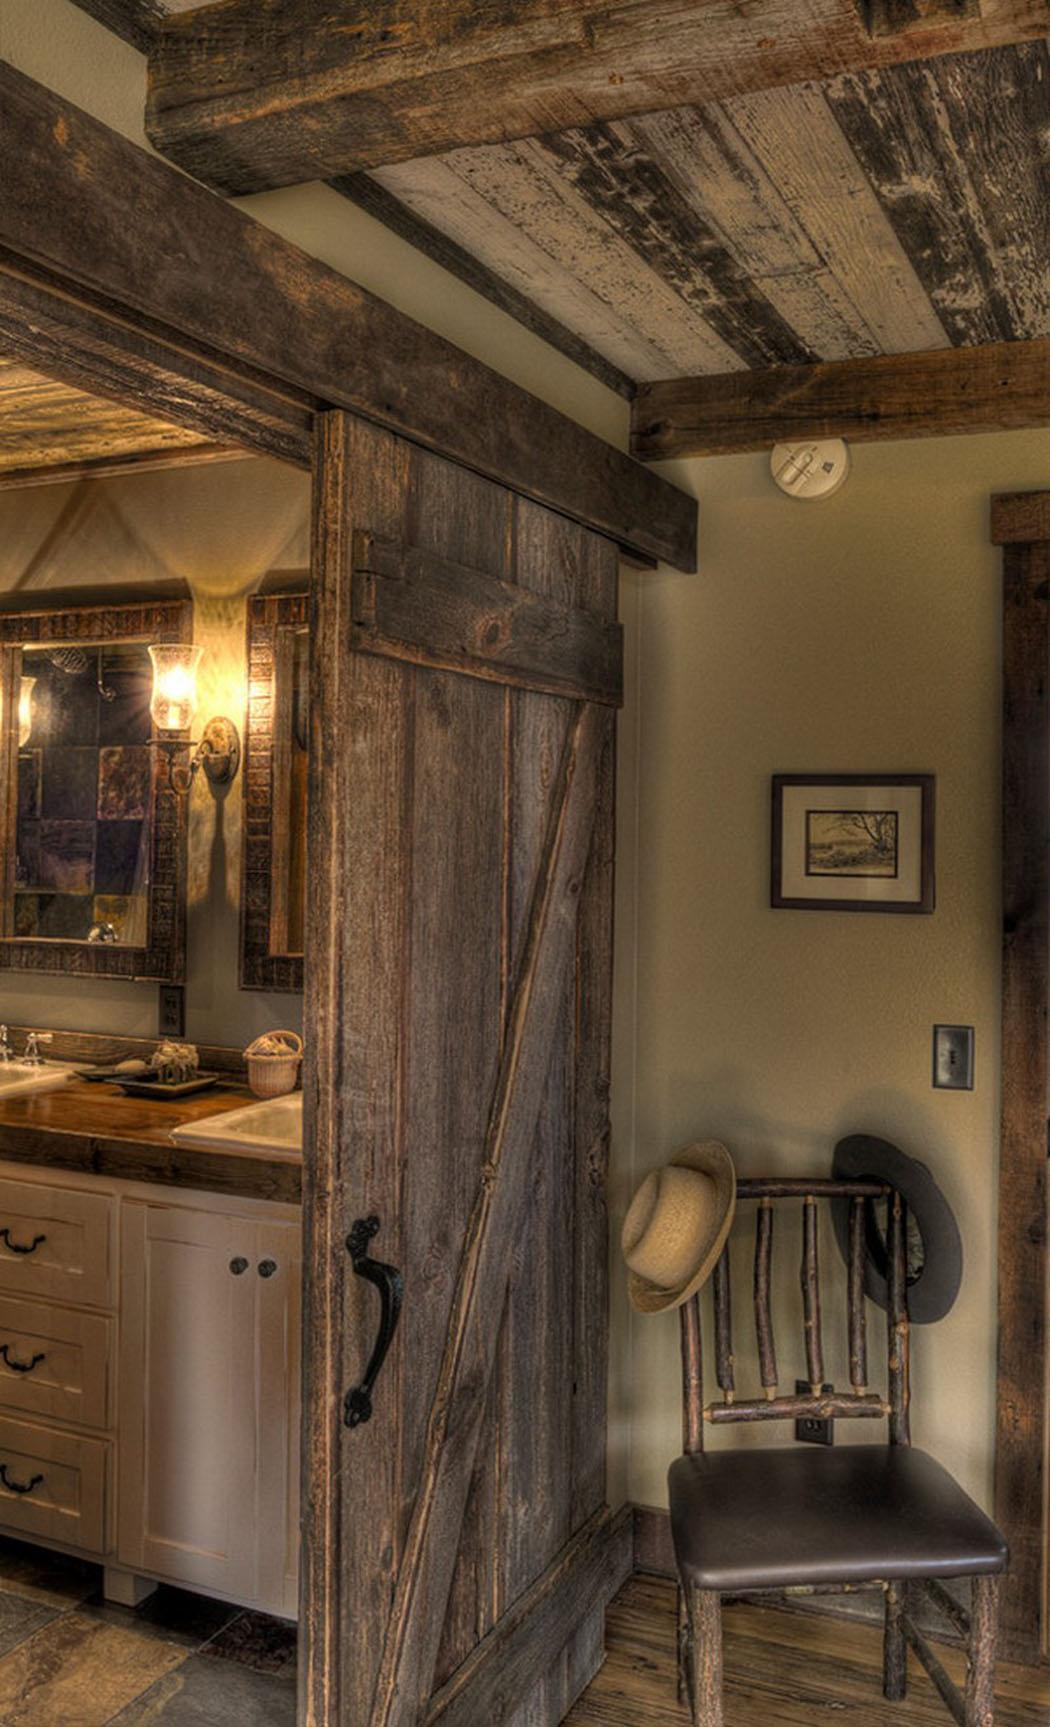 Maison de vacances au charme bucolique au bord d un lac minneapolis vivons maison for Chambre de bain rustique